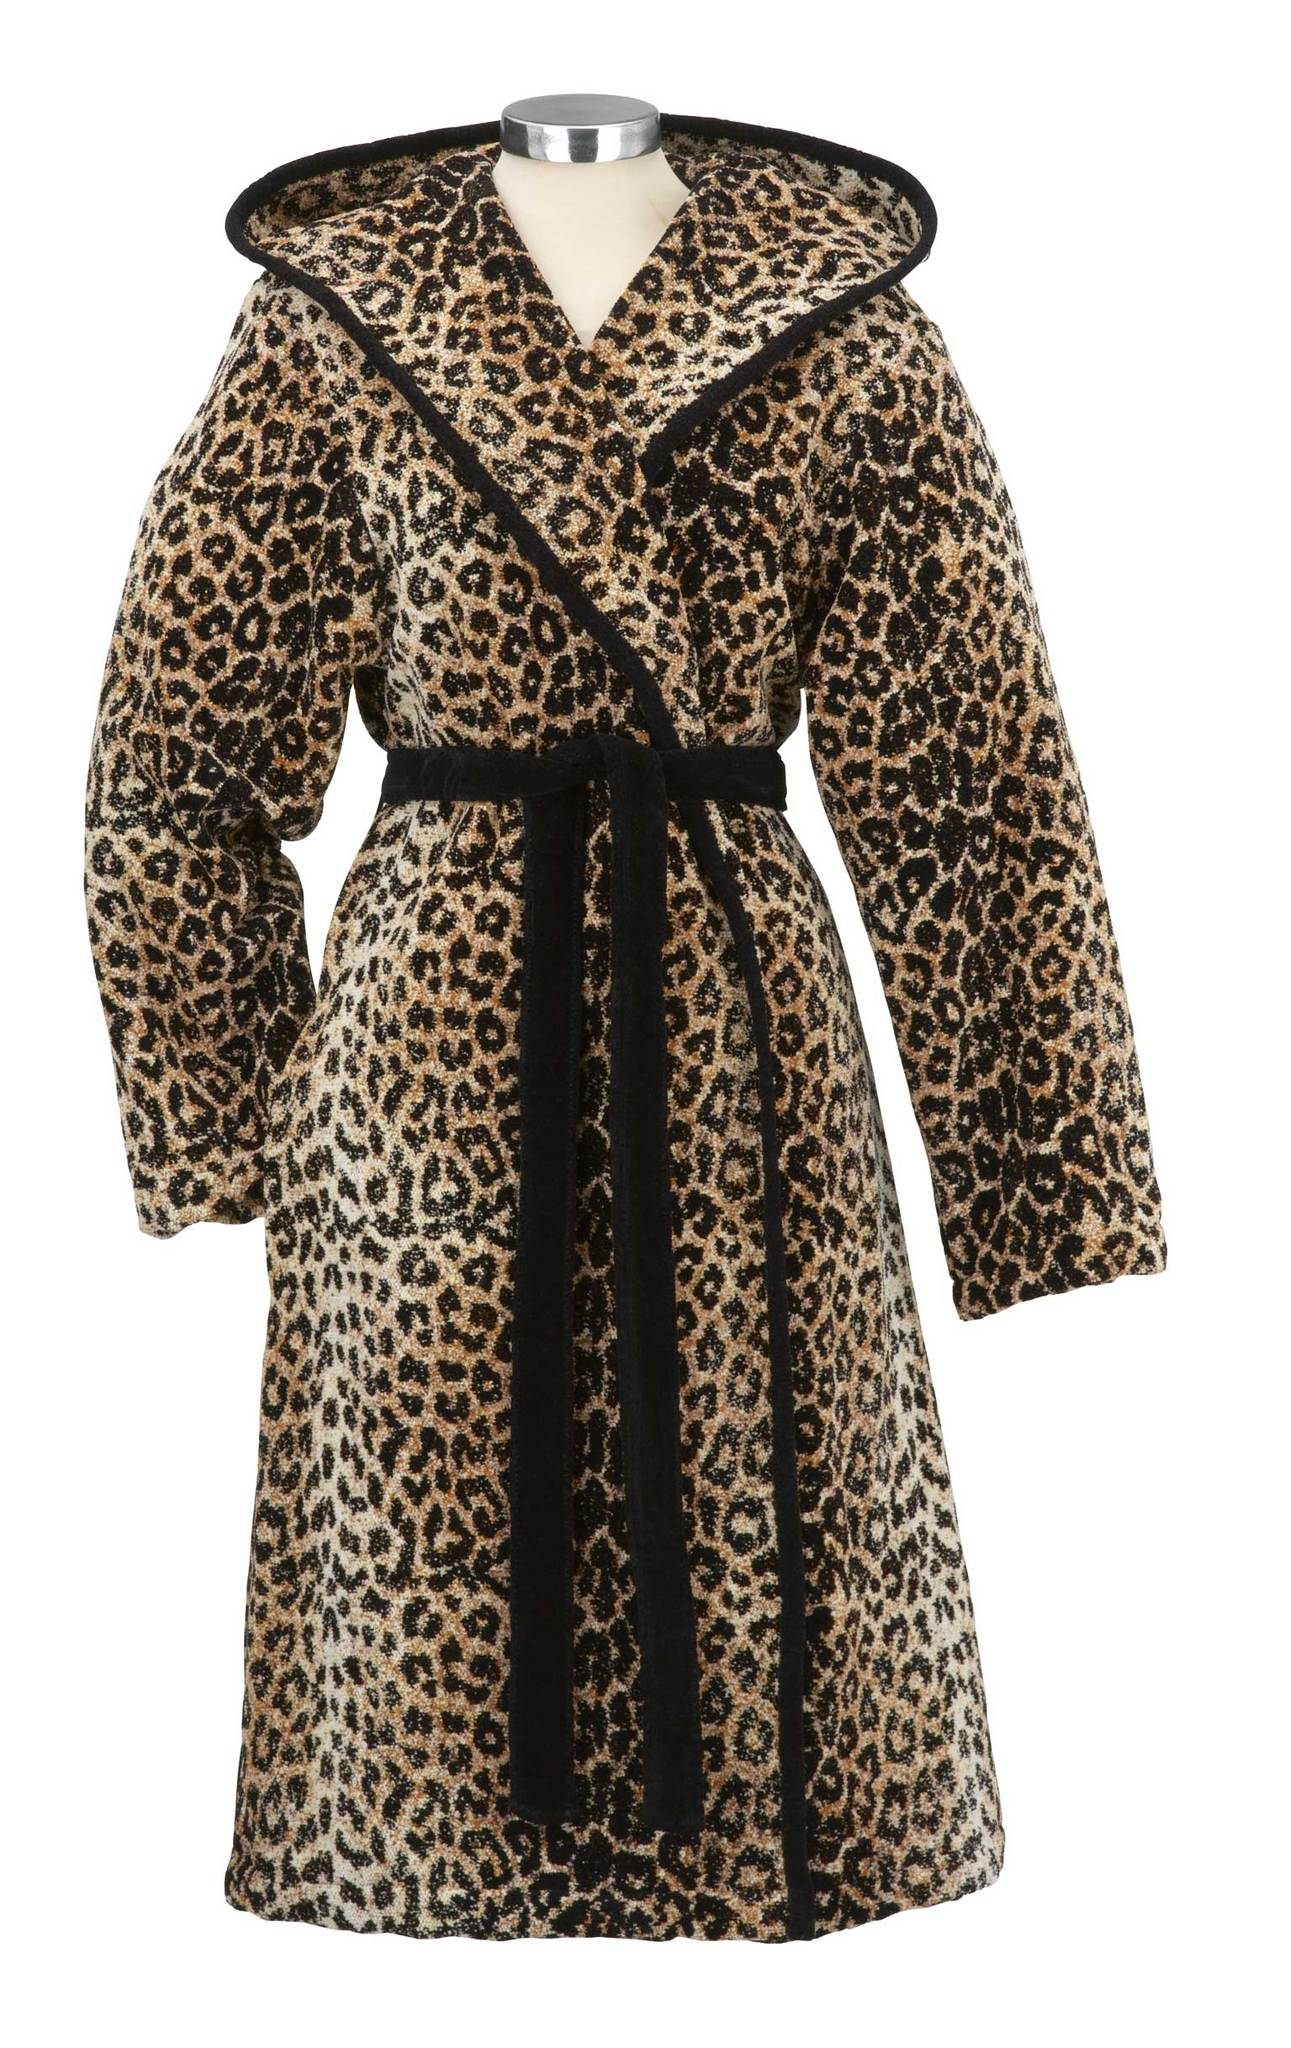 Элитный халат шенилловый Safari Pauline 10 schwarz от Feiler